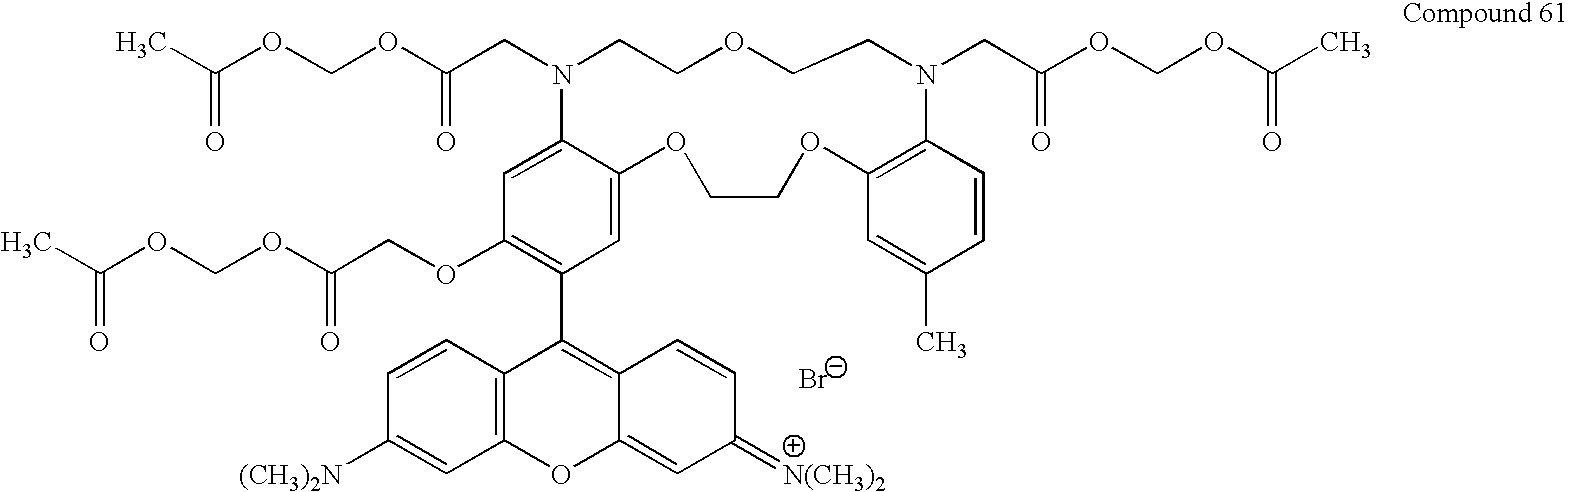 Figure US07579463-20090825-C00098